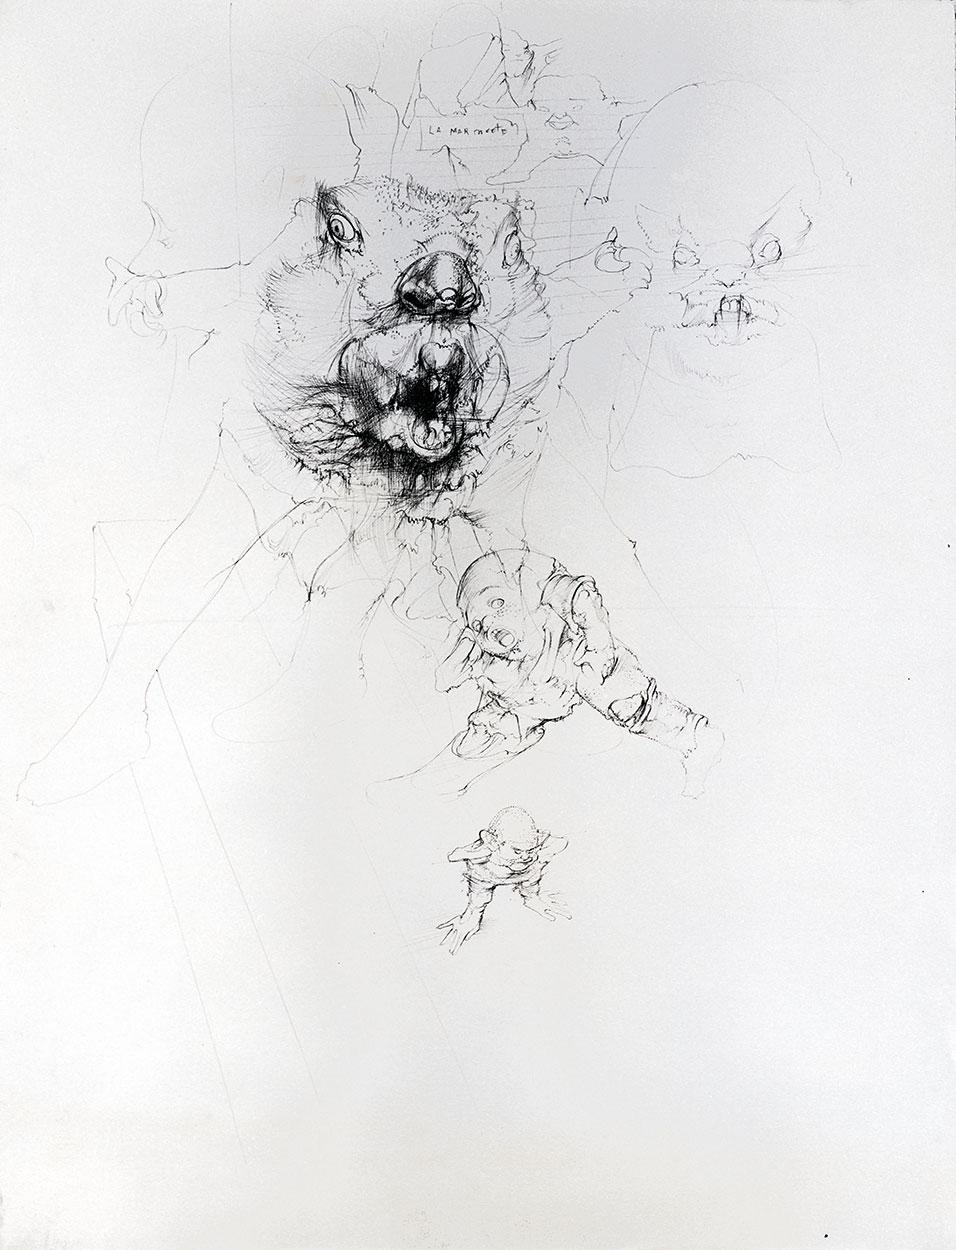 Mrmot, 1978